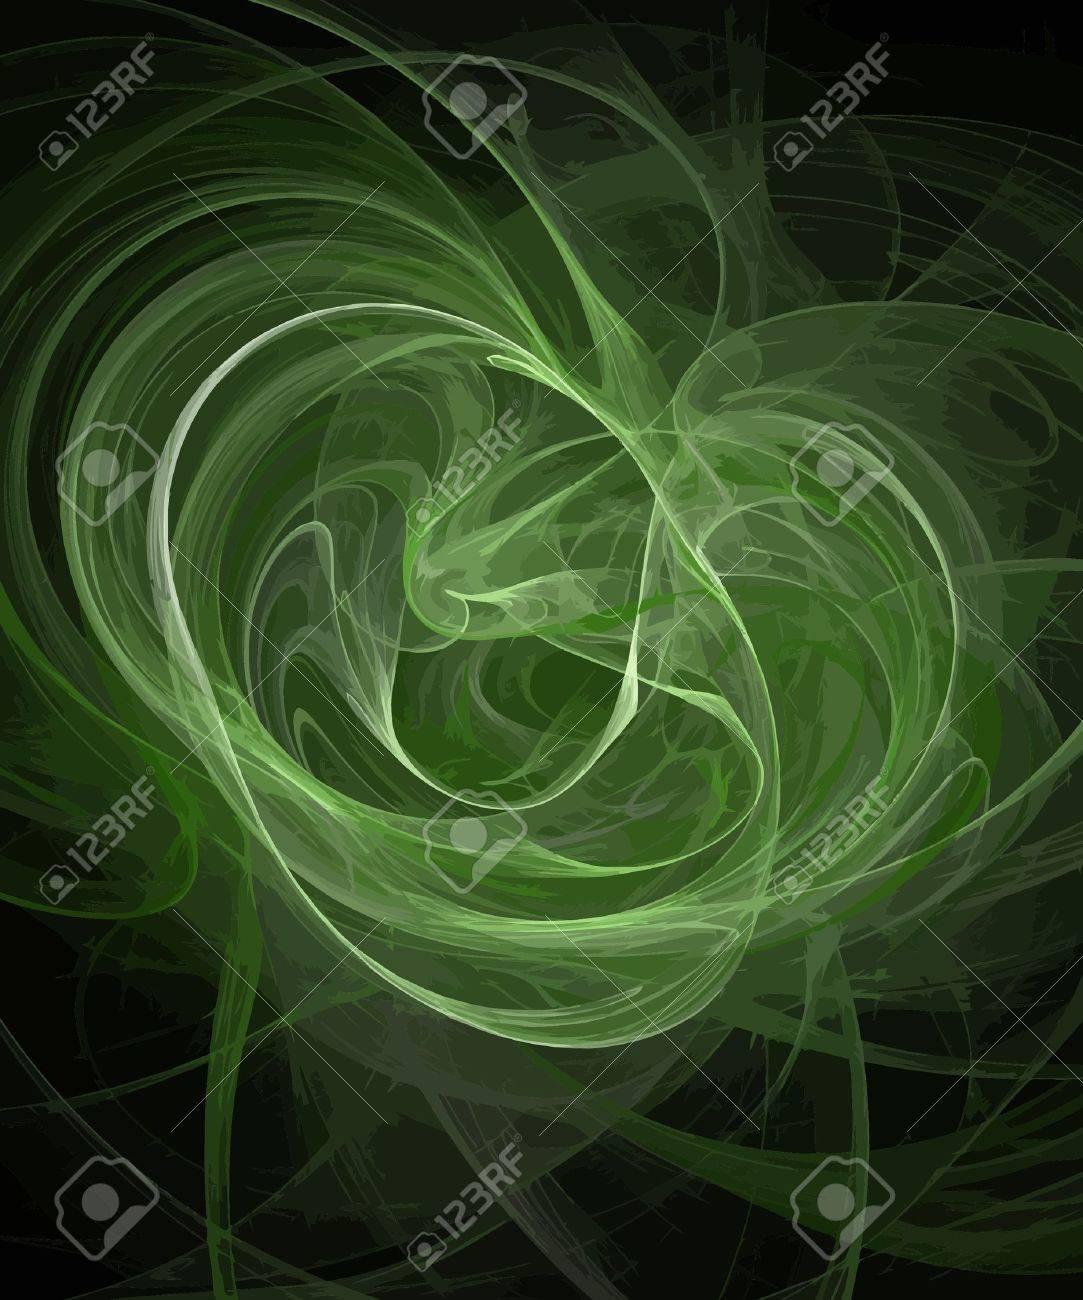 Vector Illustration of digital fractal Stock Vector - 10050839